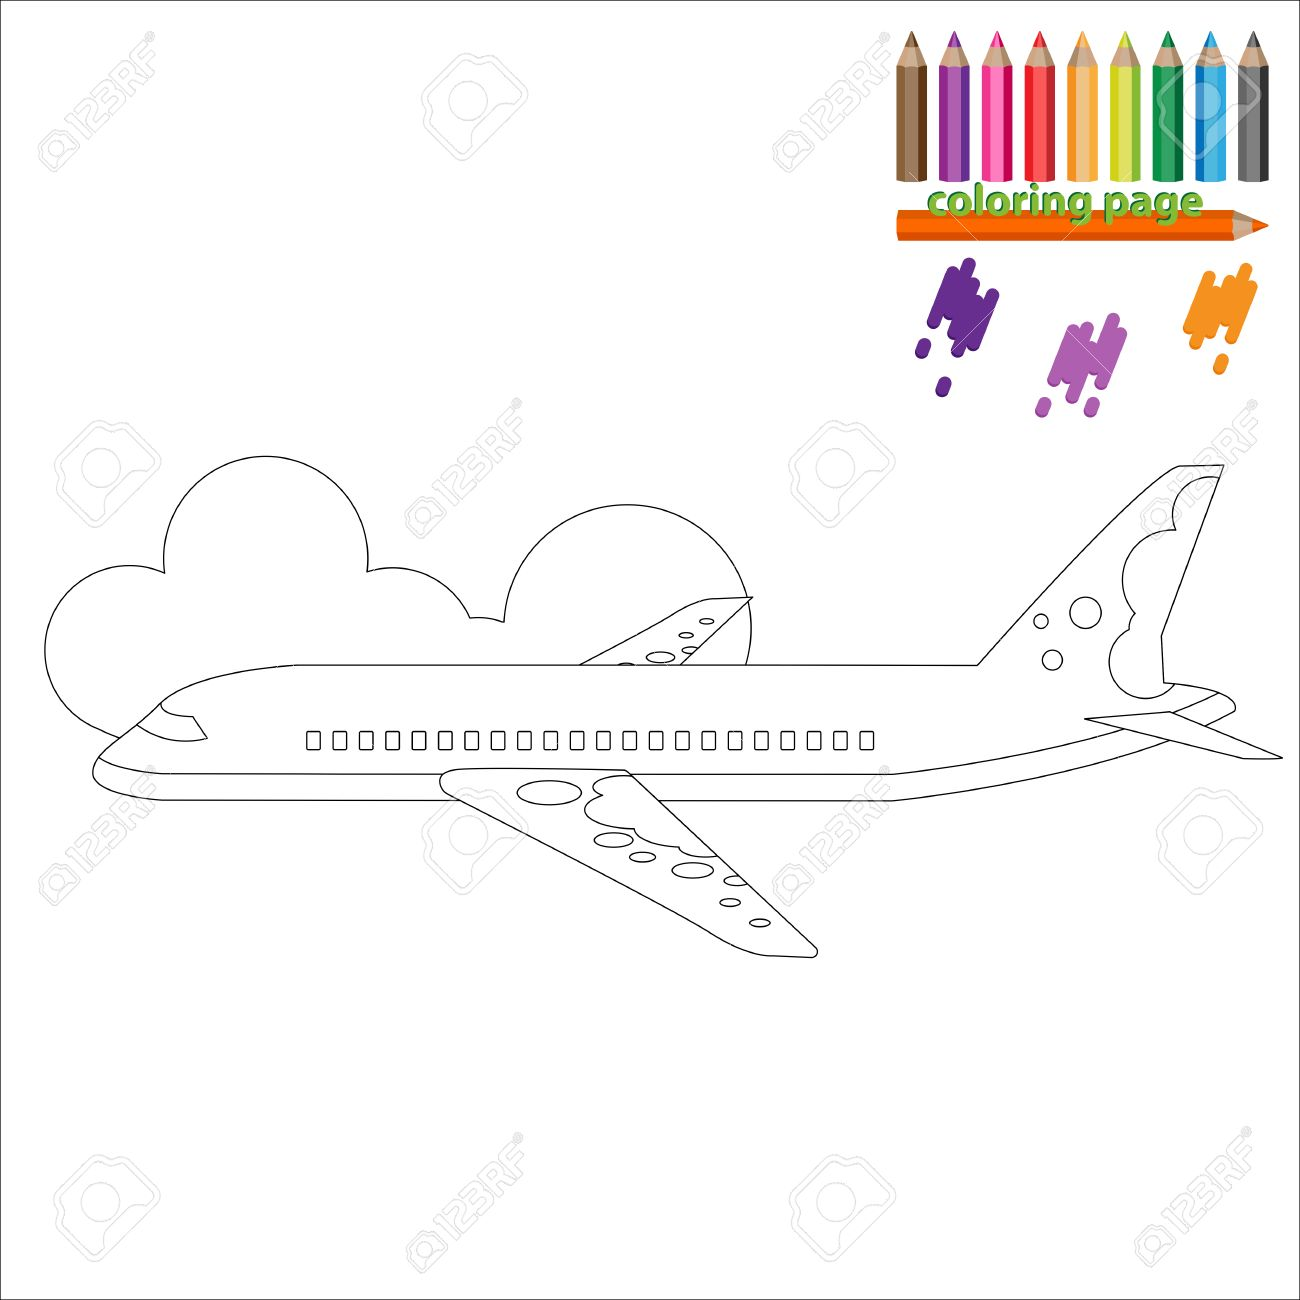 Malvorlage Mit Flugzeug, Business-Jet. Malen Für Kinder Lizenzfrei ...